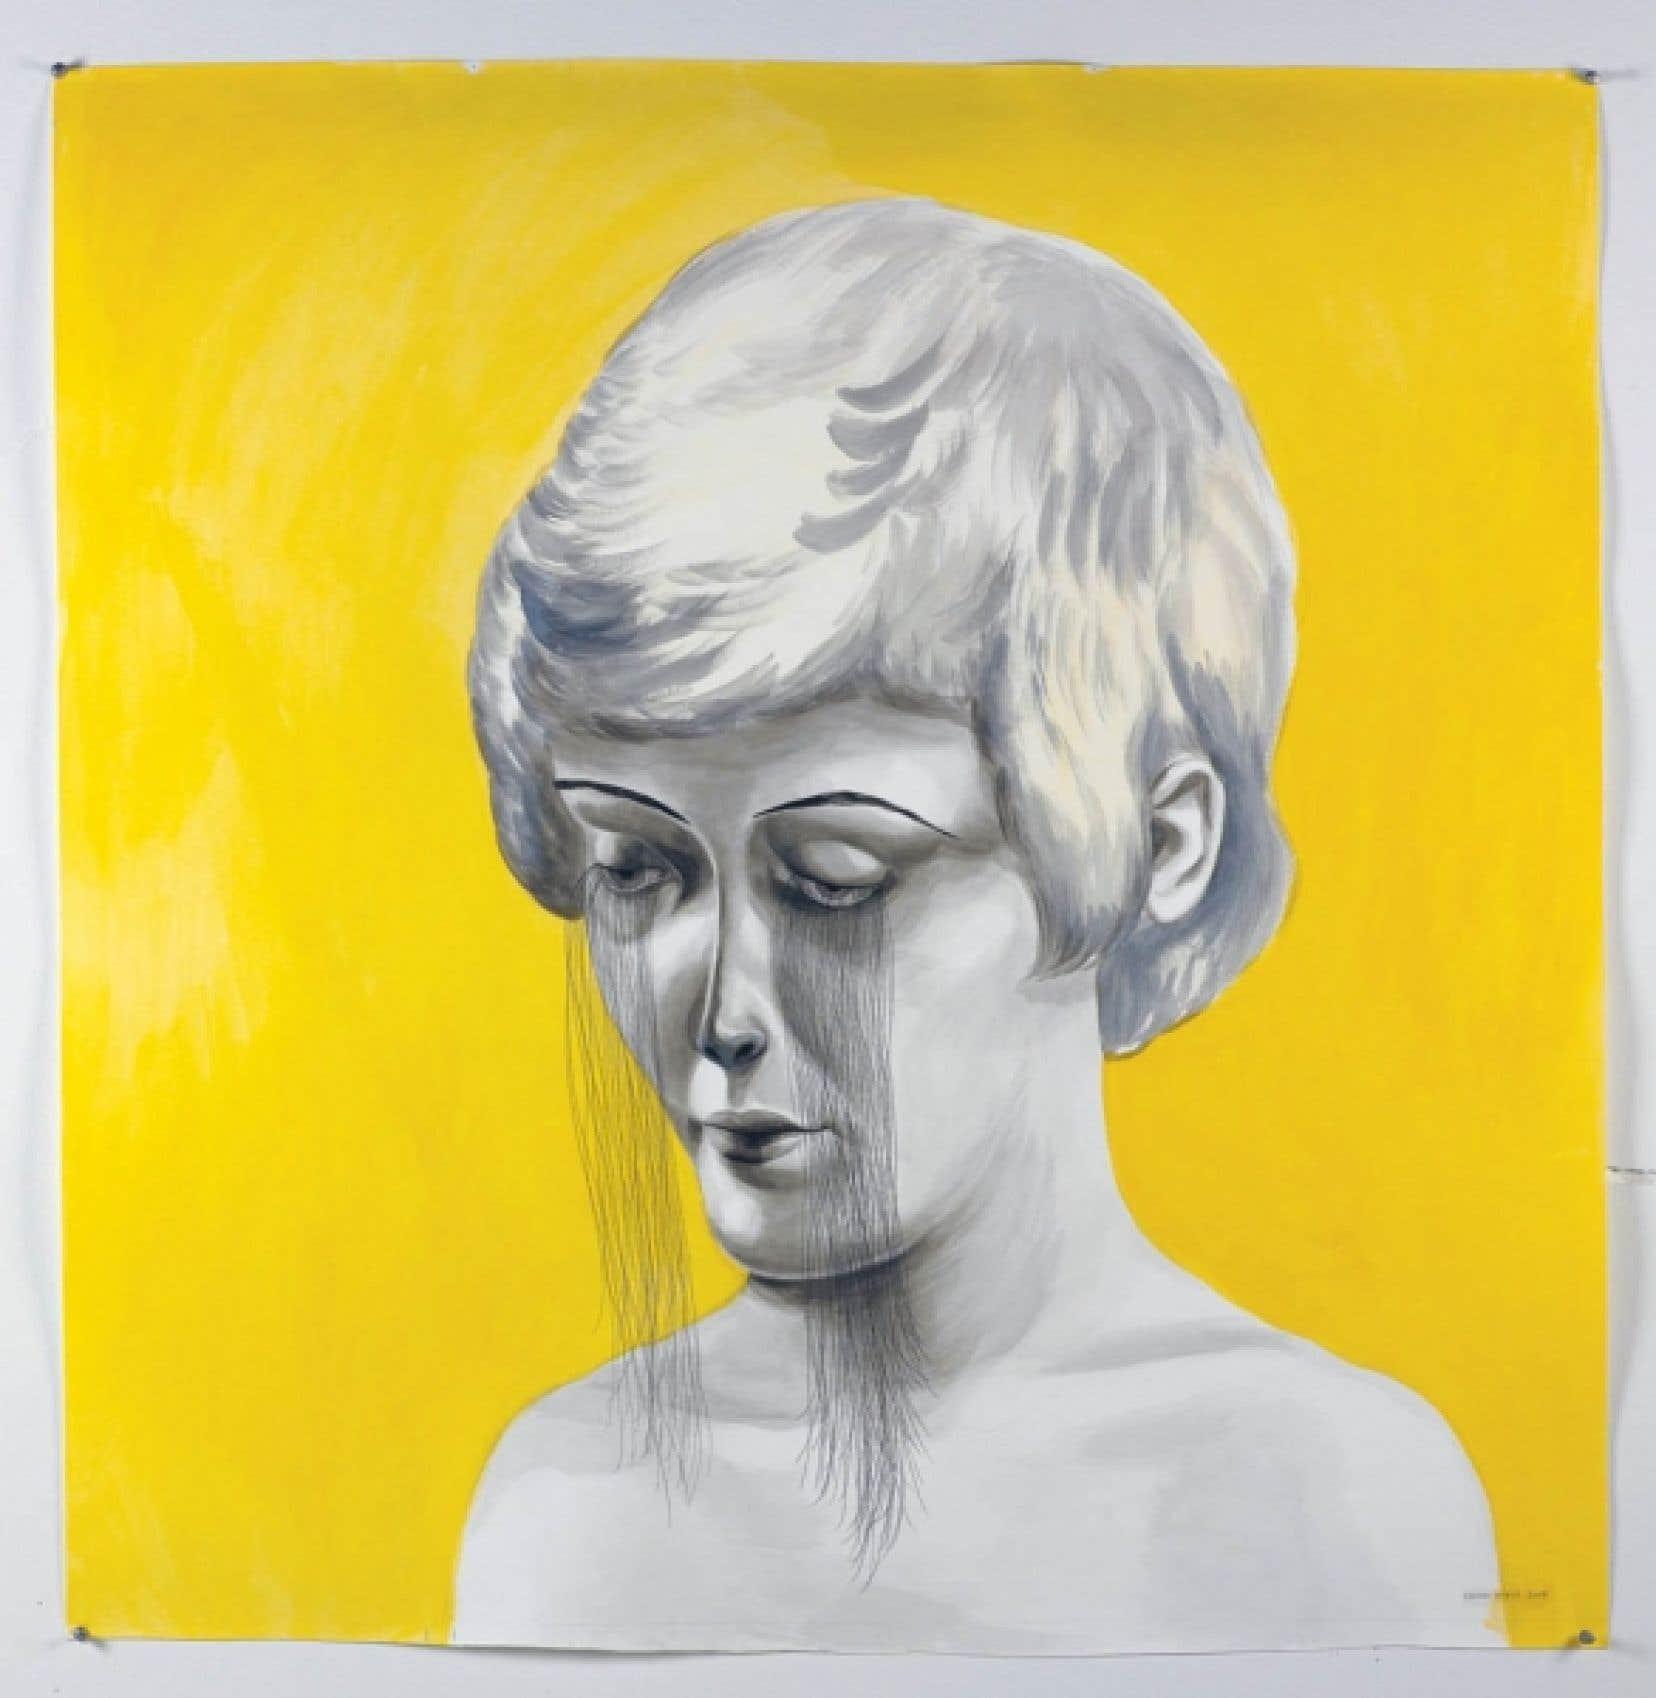 Shary Boyle, The Blind, 2010, pâte polymère et perles de verre<br />